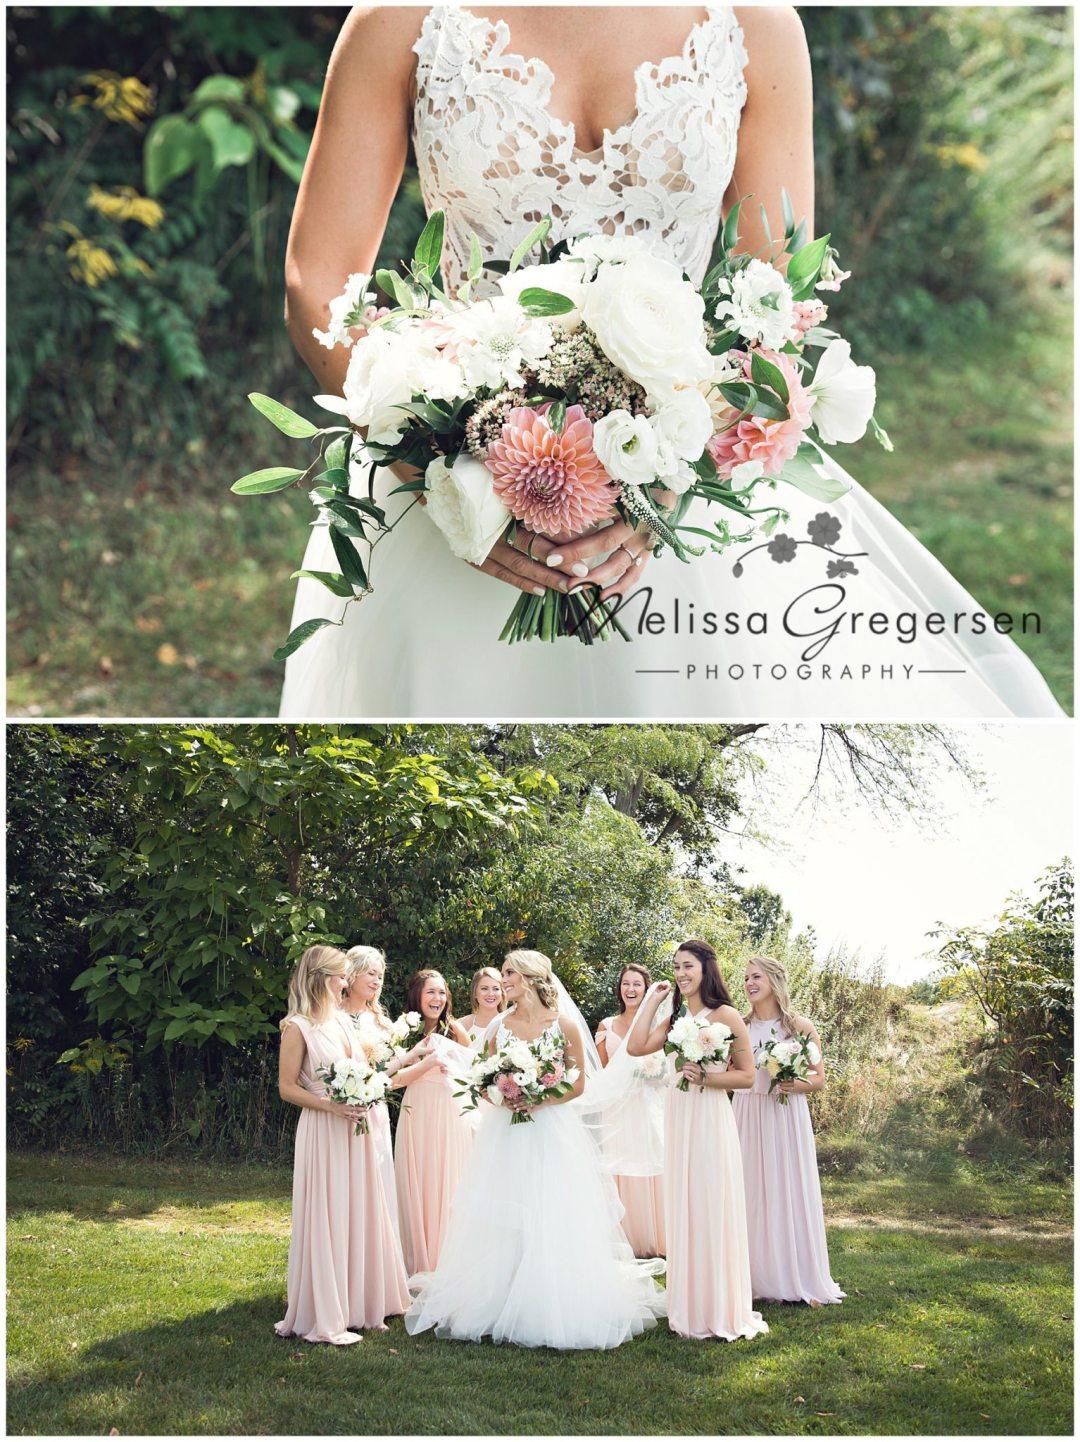 Berrien Springs Michigan Wedding Photographer - Gregersen Photography